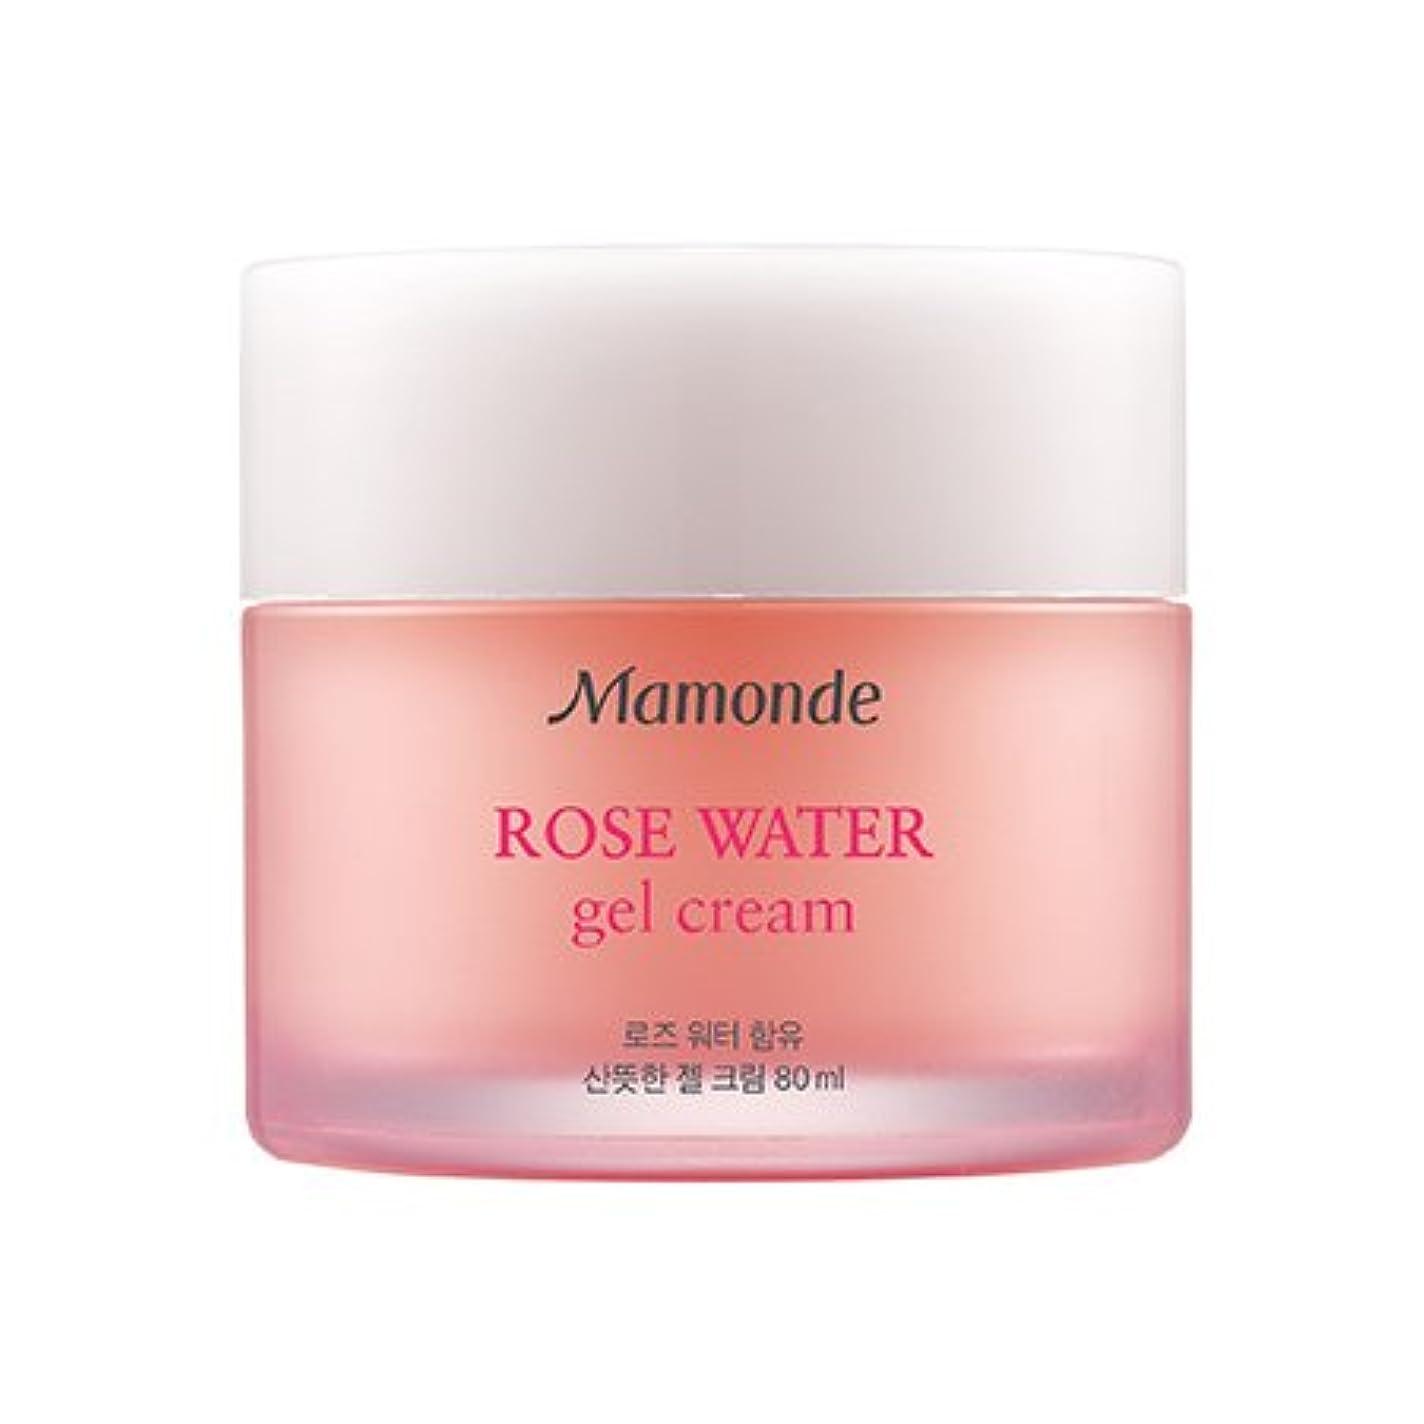 寺院少年Mamonde Rose Water Gel Cream 80ml/マモンド ローズ ウォーター ジェル クリーム 80ml [並行輸入品]